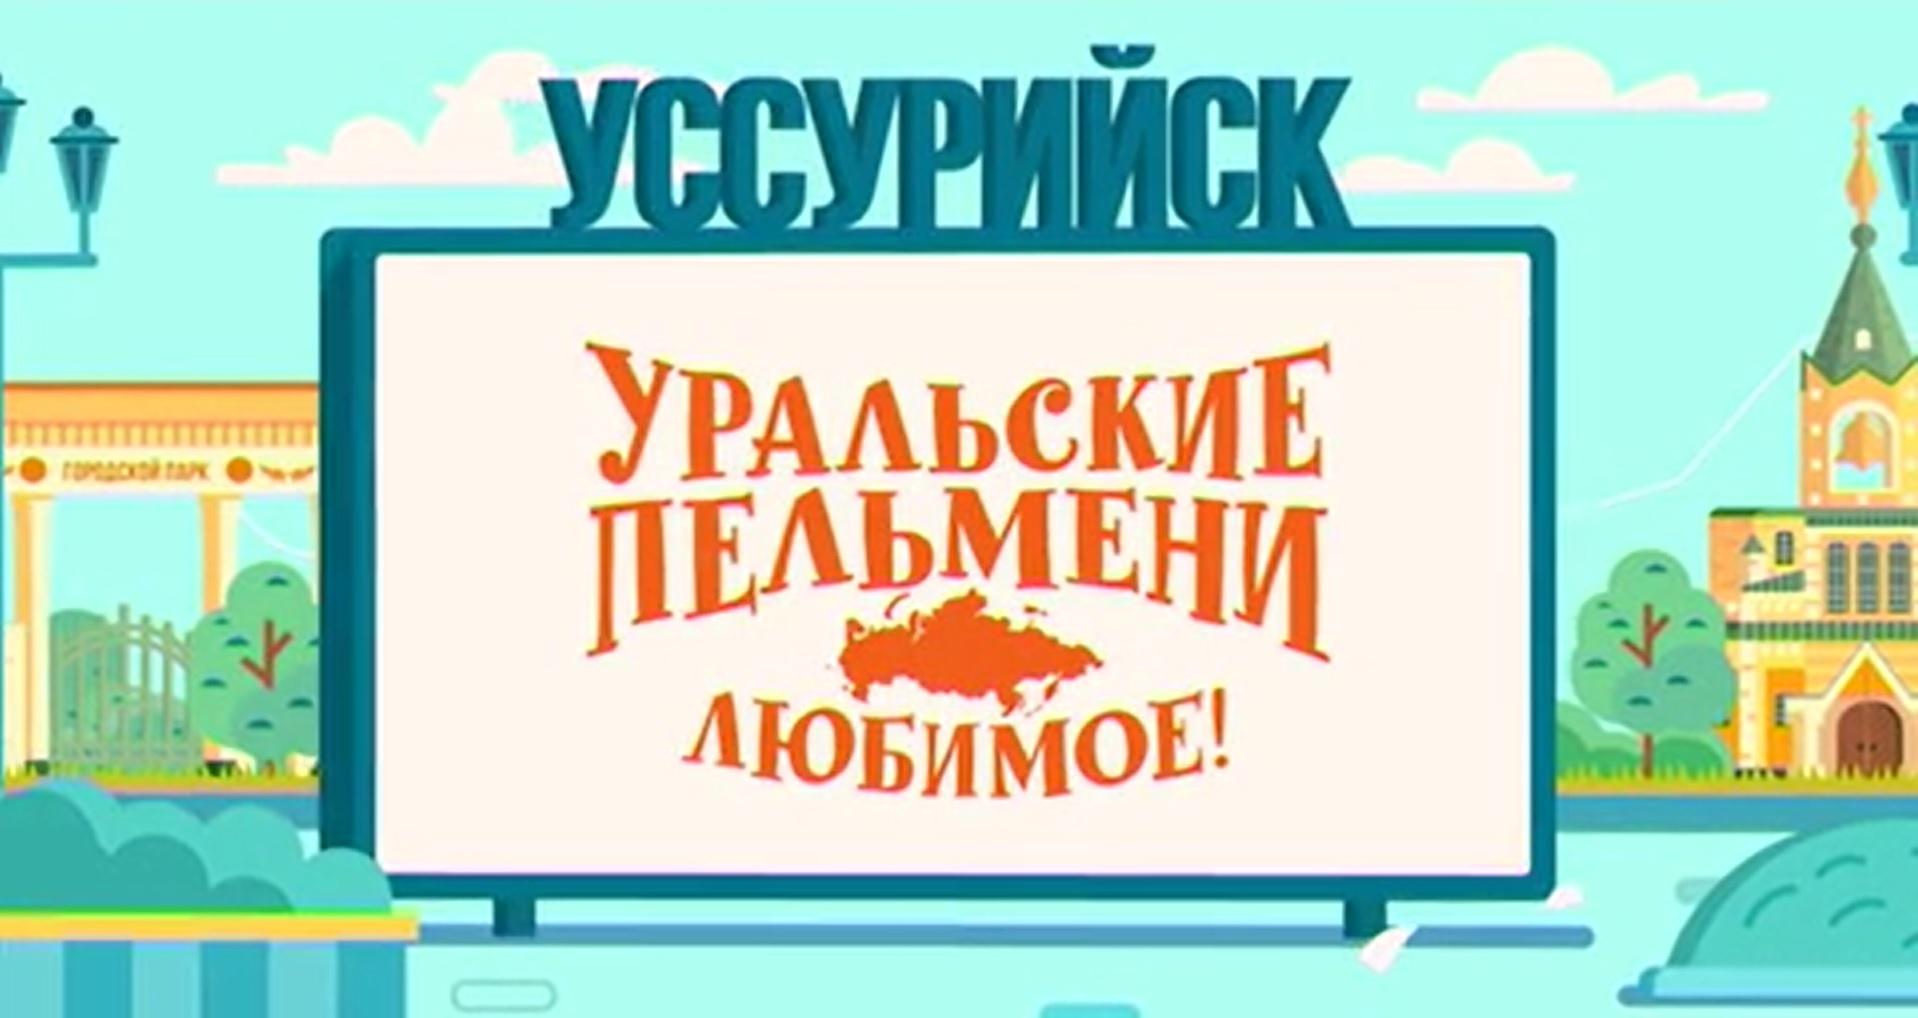 Творческий коллектив Уральские Пельмени Уральские пельмени. Любимое. Усурийск творческий коллектив уральские пельмени уральские пельмени любимое тюмень